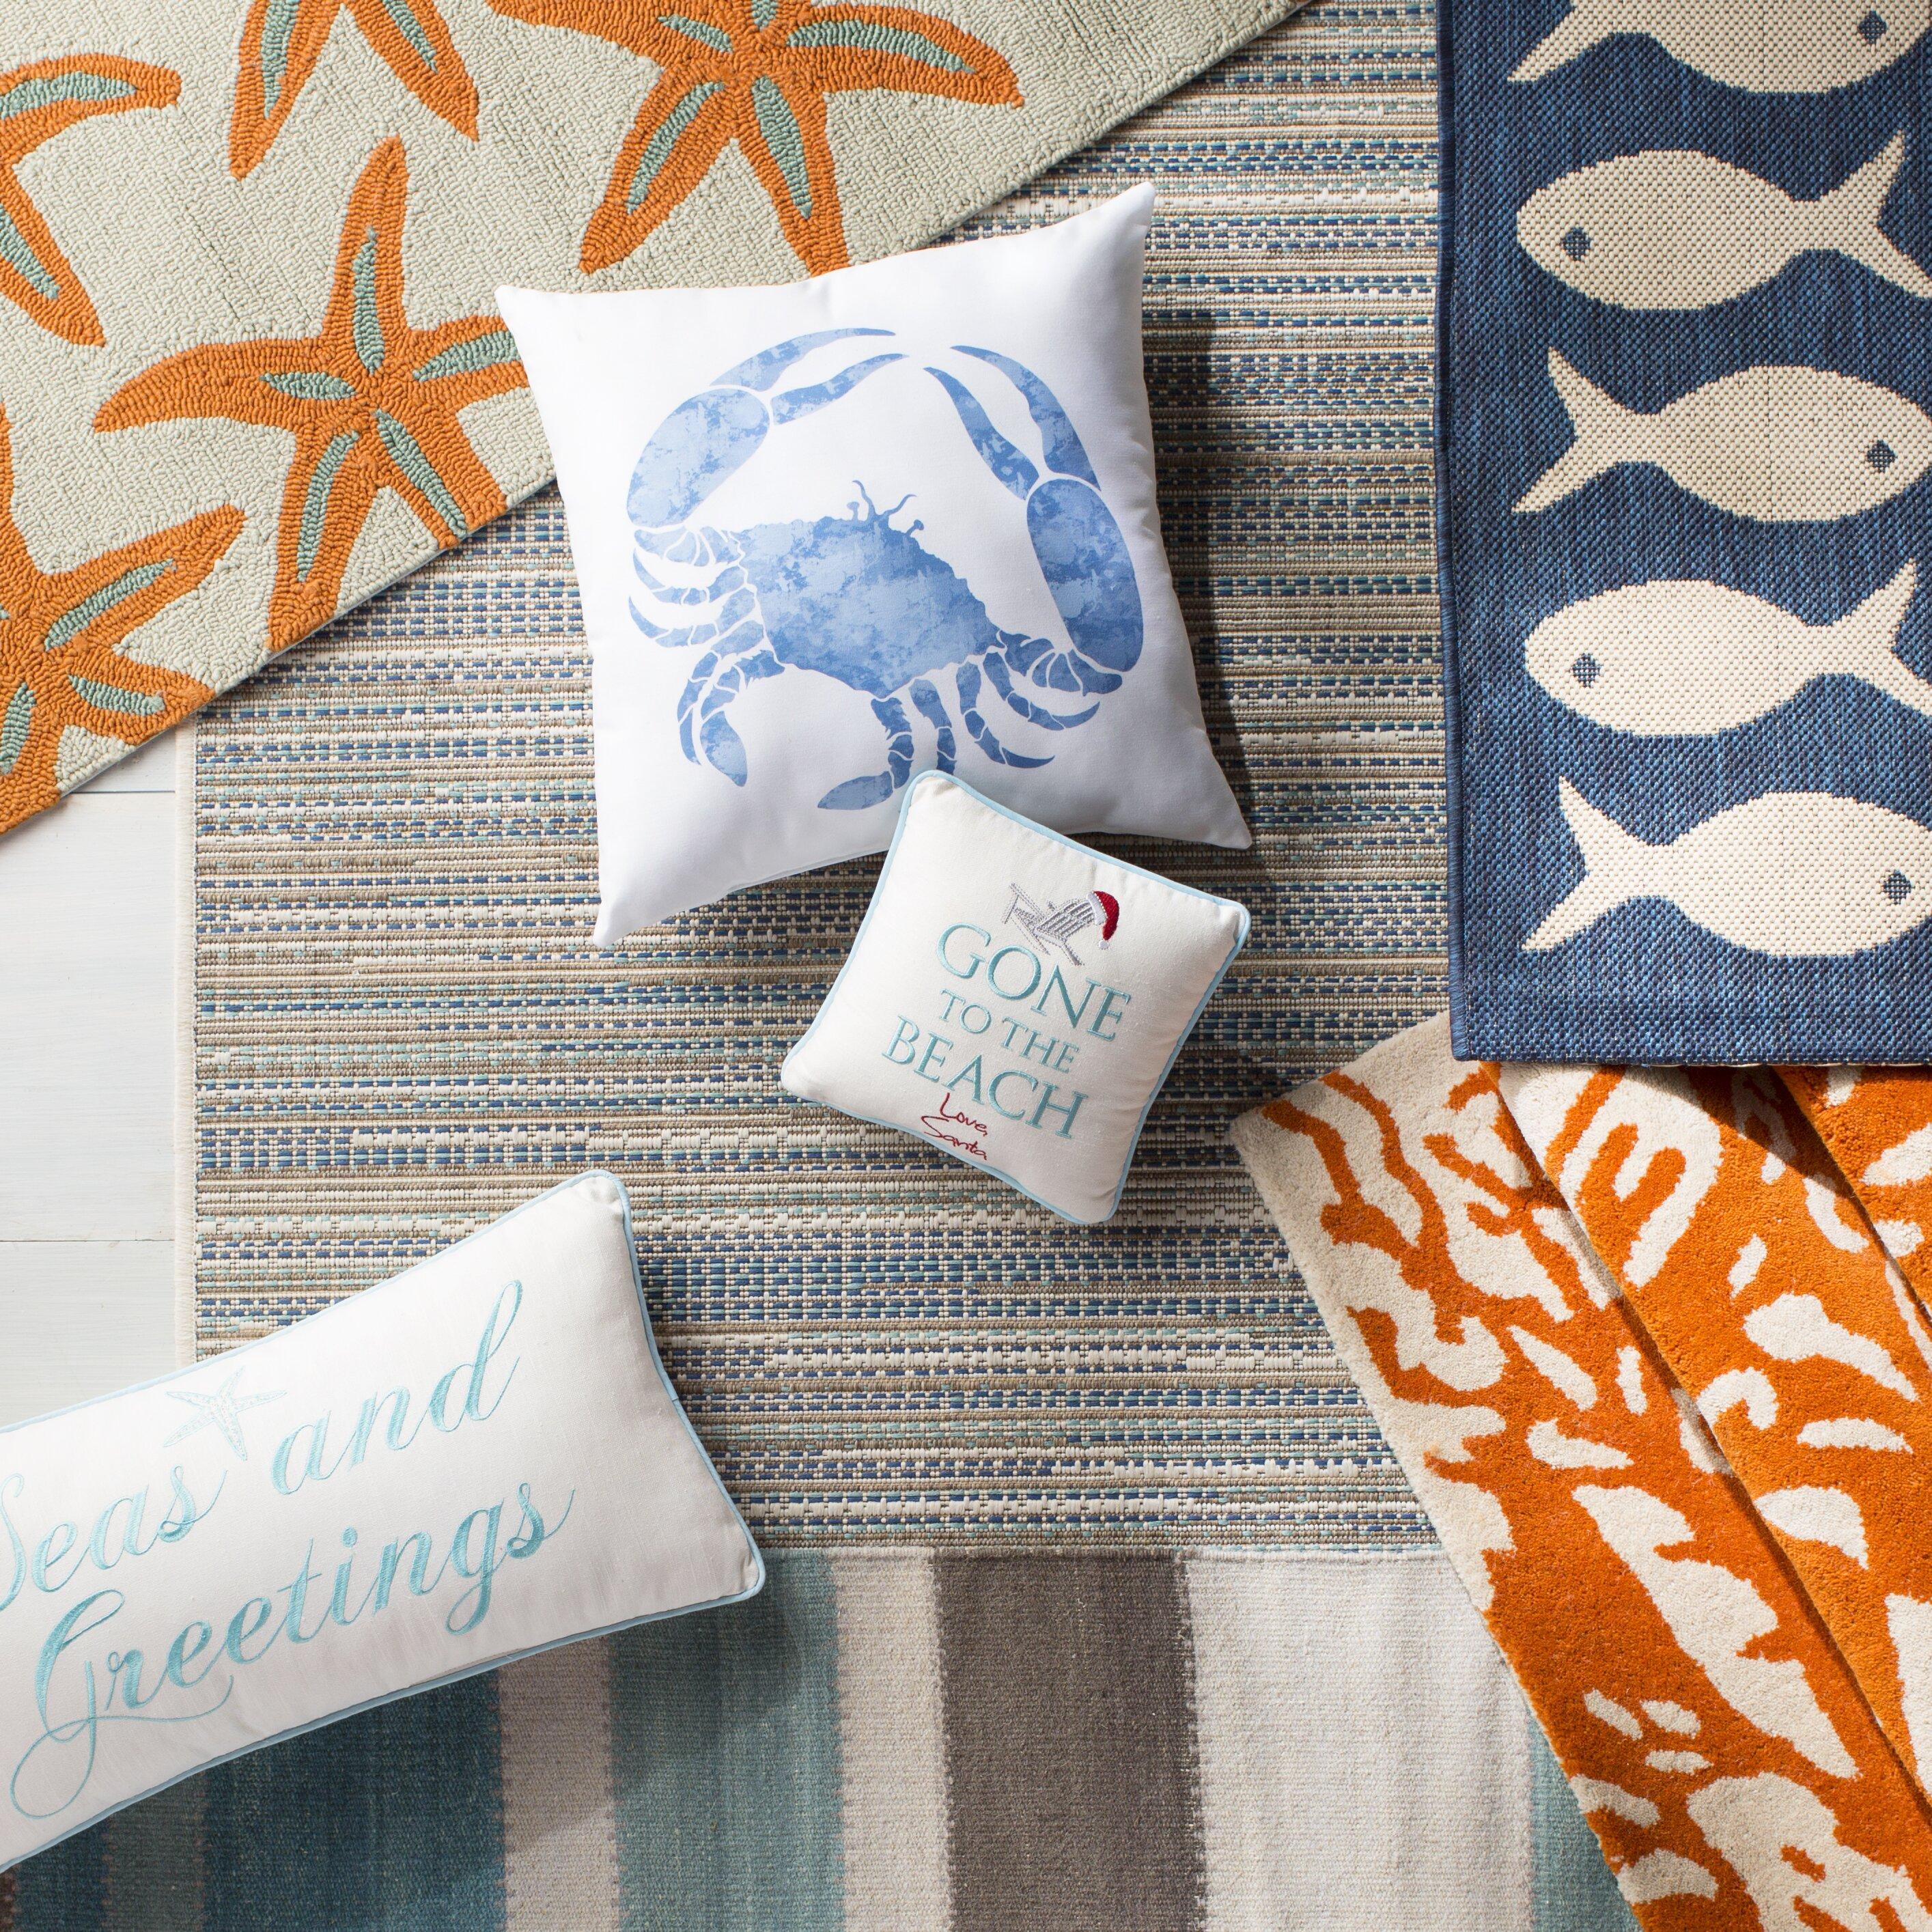 At Home Outdoor Rugs Part - 49: Beachcrest Homeu0026trade; Starfish Indoor/Outdoor Rug In Burnt Orange